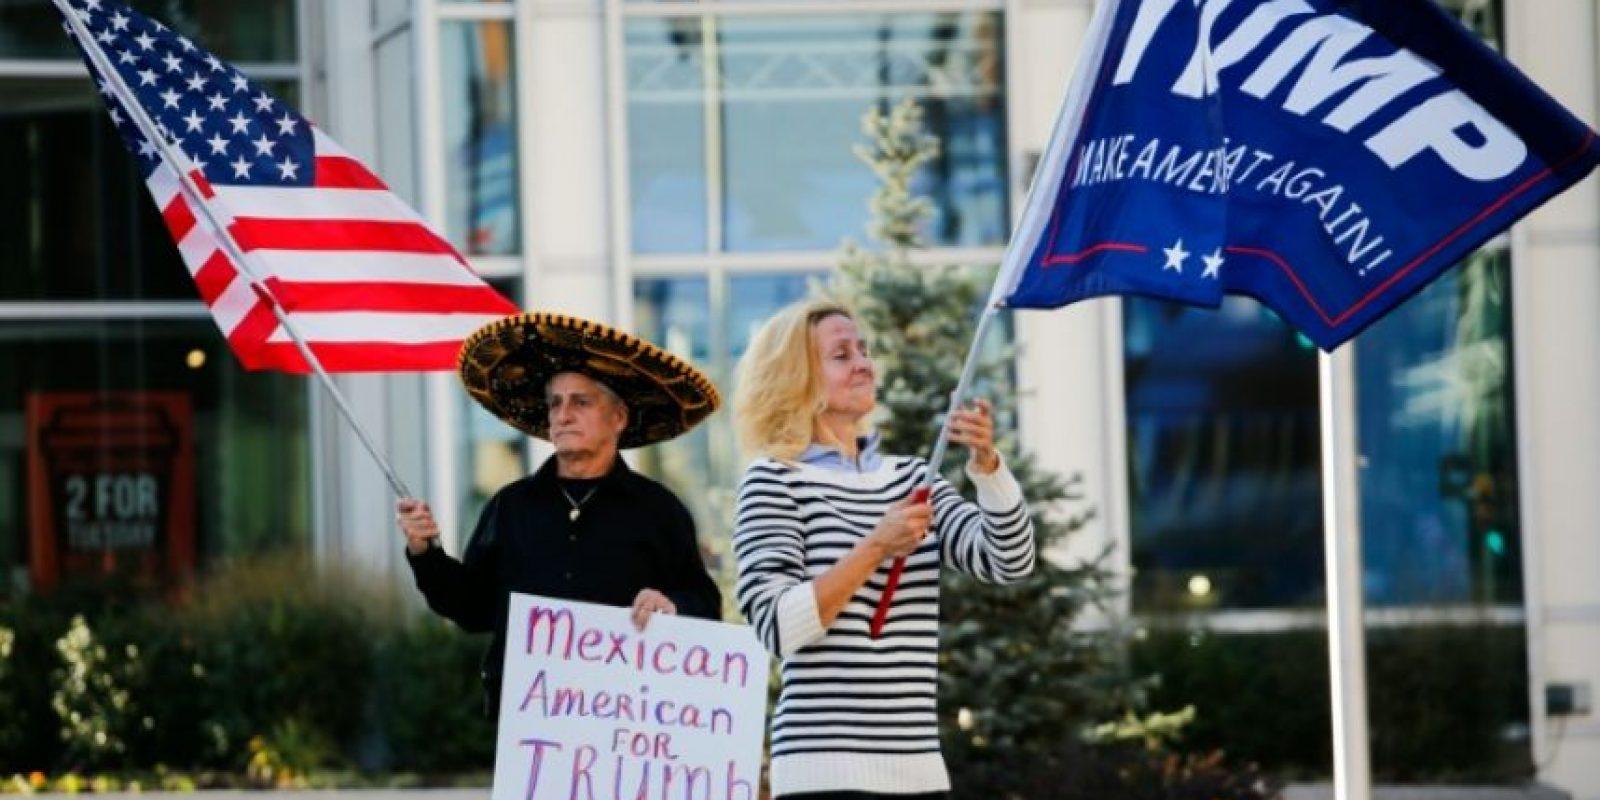 Unos partidarios del candidato a la presidencia de EEUU Donald Trump ondean banderas afines para mostrar su apoyo al dirigente republicano en Allentown, Pensilvania, el 2 de noviembre de 2016 Foto:Eduardo Muñoz Álvarez/afp.com